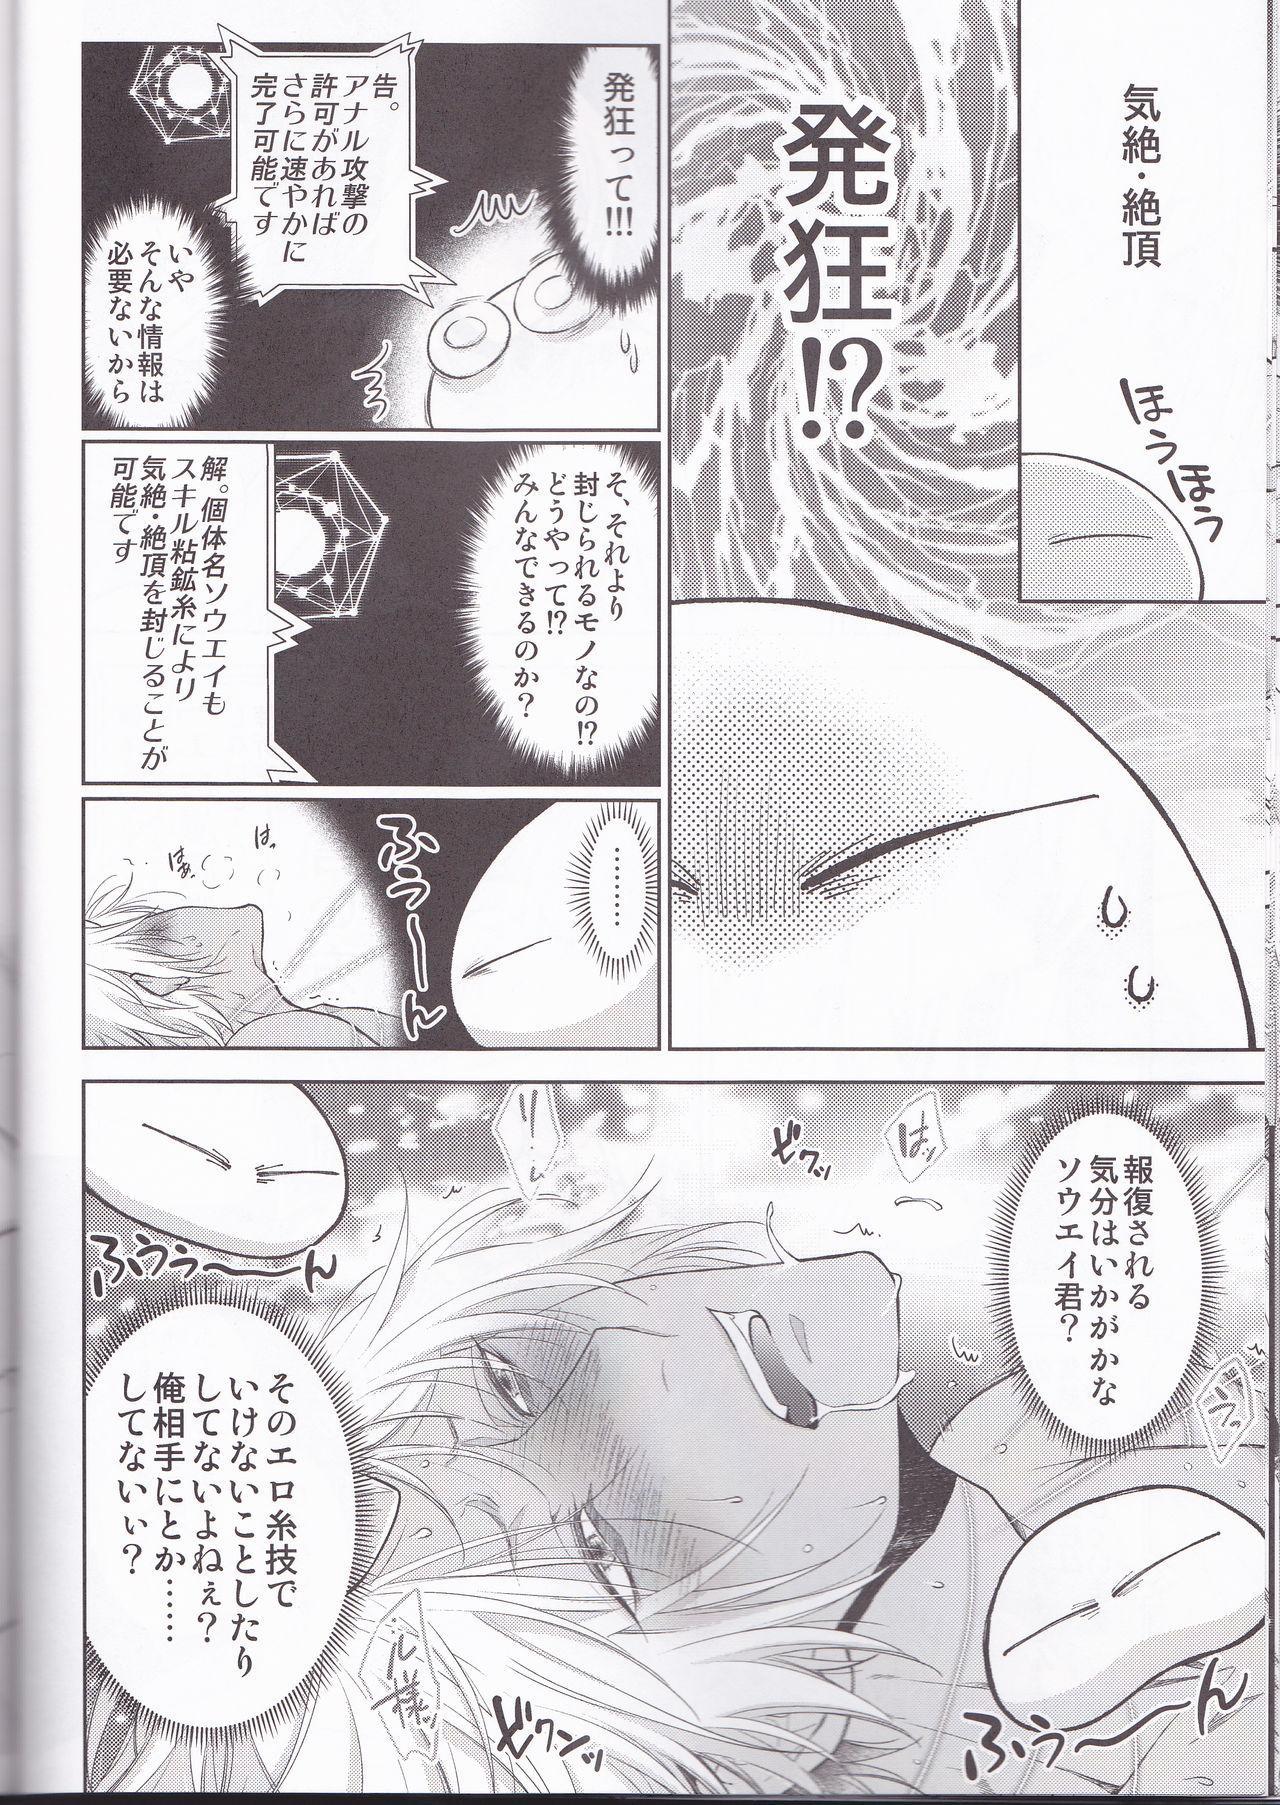 Koku. Josei Gitaika ni Seikou Shimashita 4 21